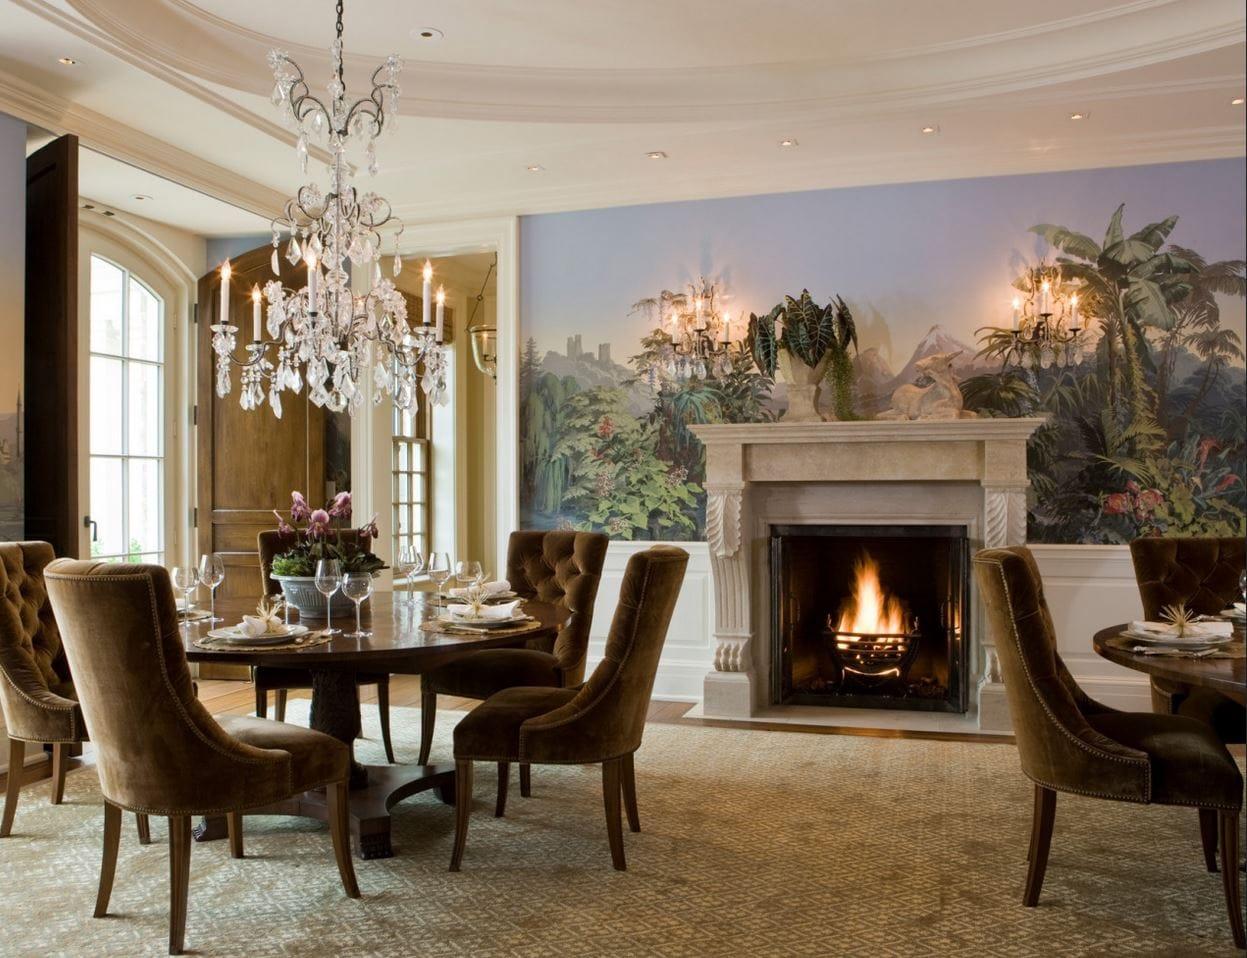 Камин, как центральный элемент интерьера гостиной в стиле Классицизм